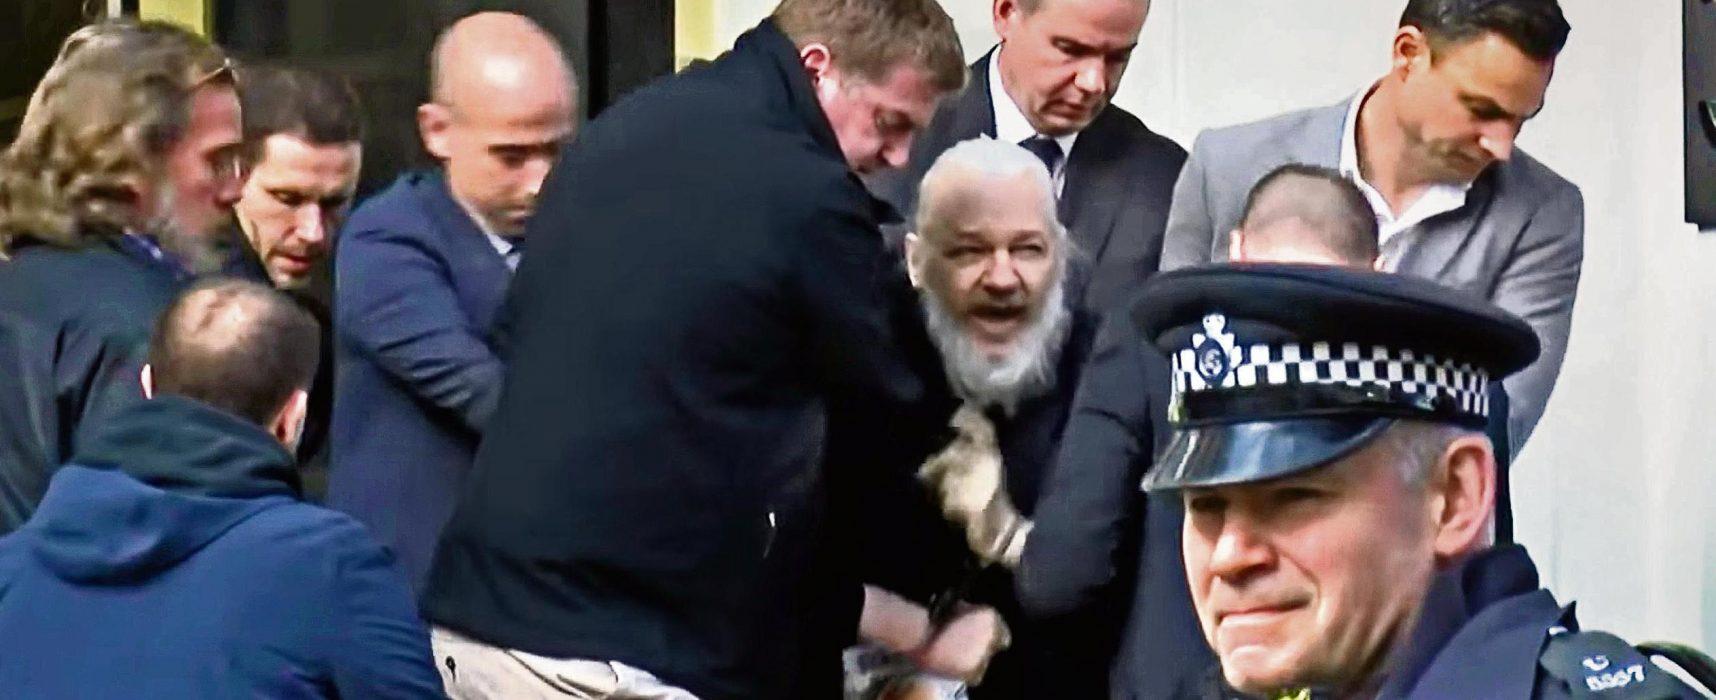 Фейк программы «Время»: Швеция добивается экстрадиции Ассанжа, чтобы выдать его США